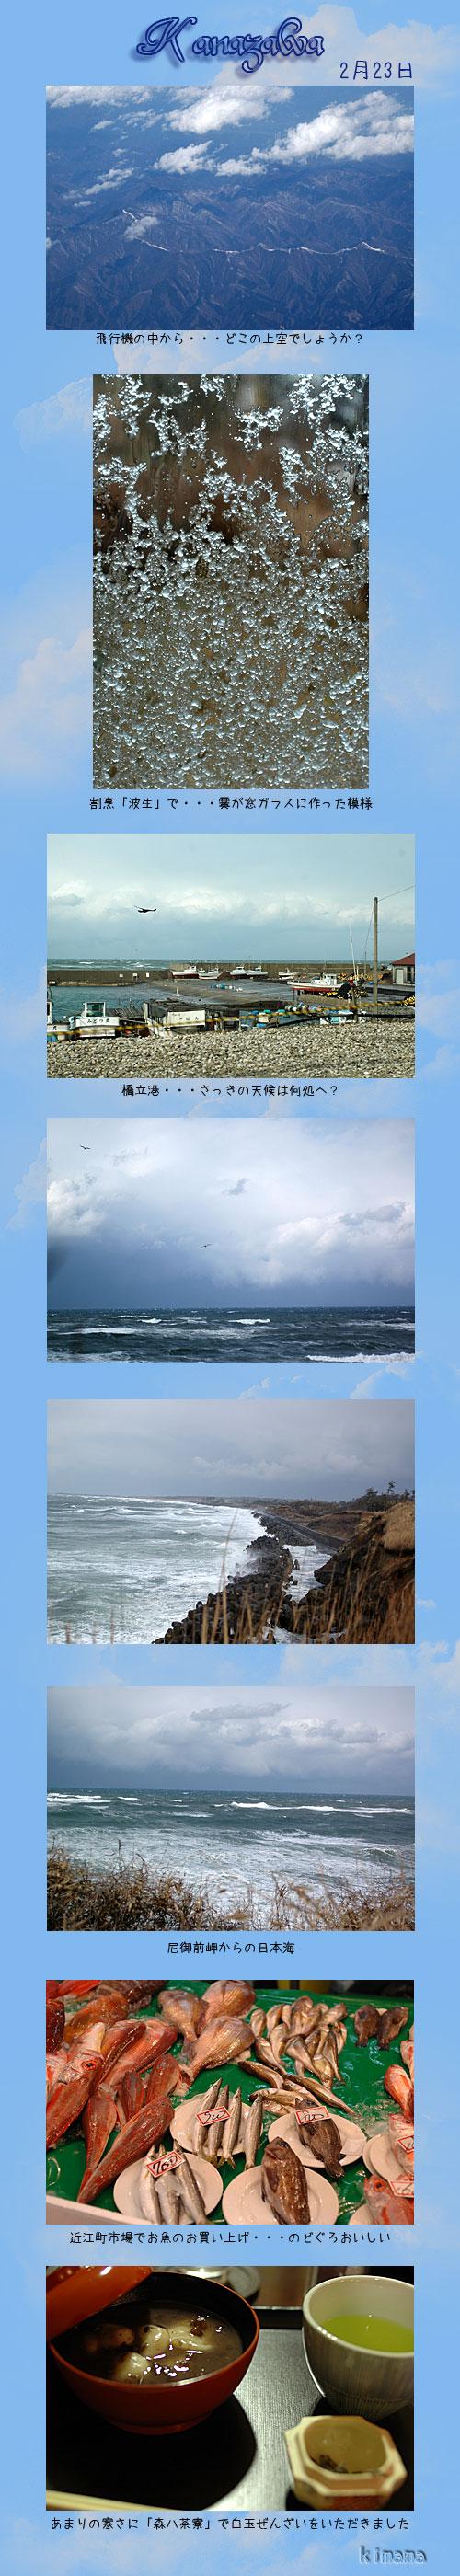 2月23日金沢1